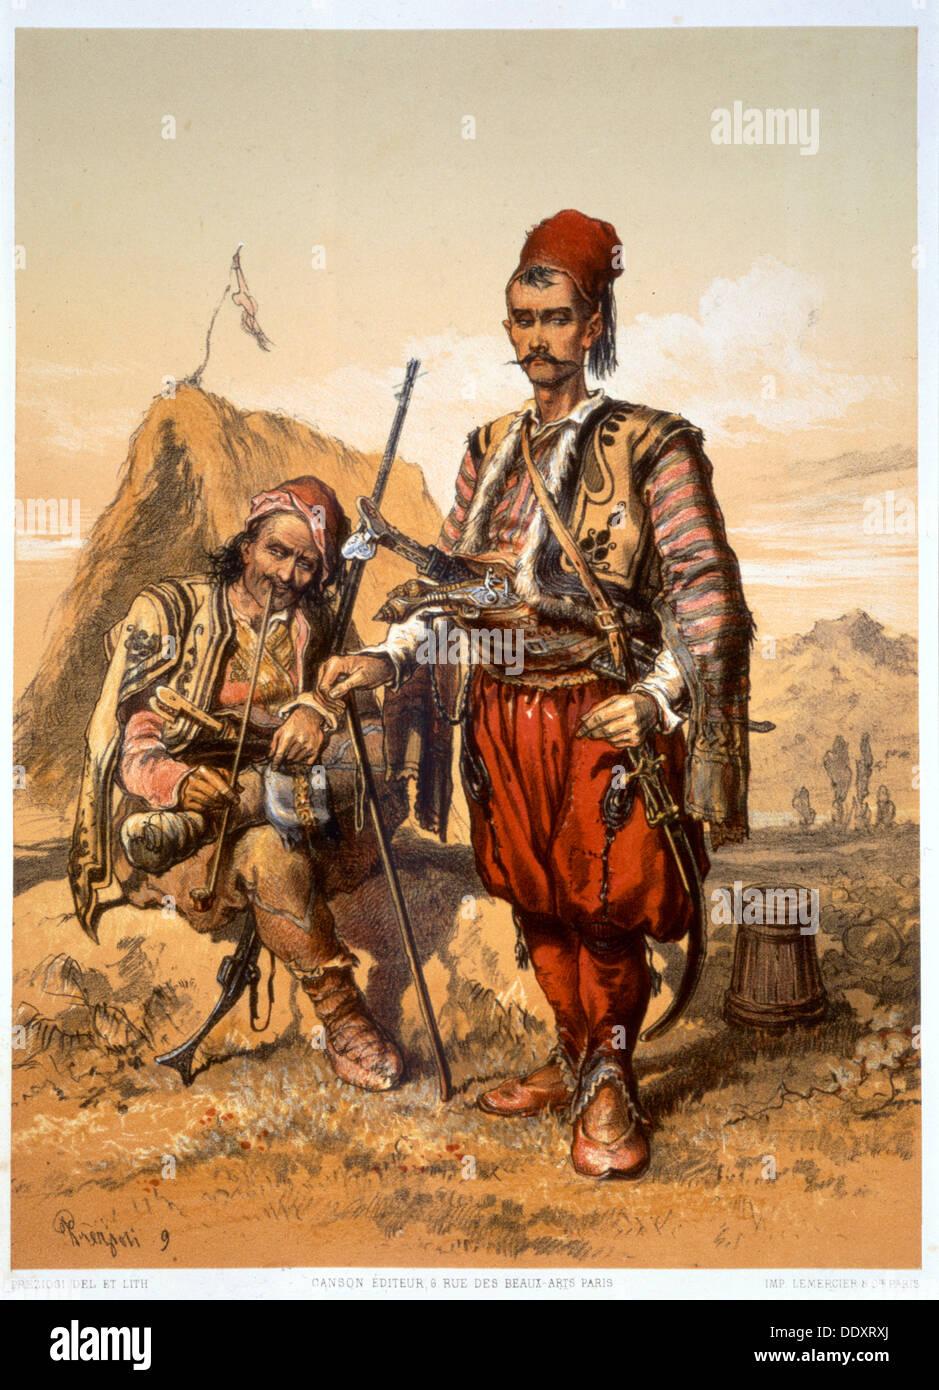 Soldats d'turc dans l'armée ottomane, 1857. Artiste: Amadeo Preziosi Photo Stock